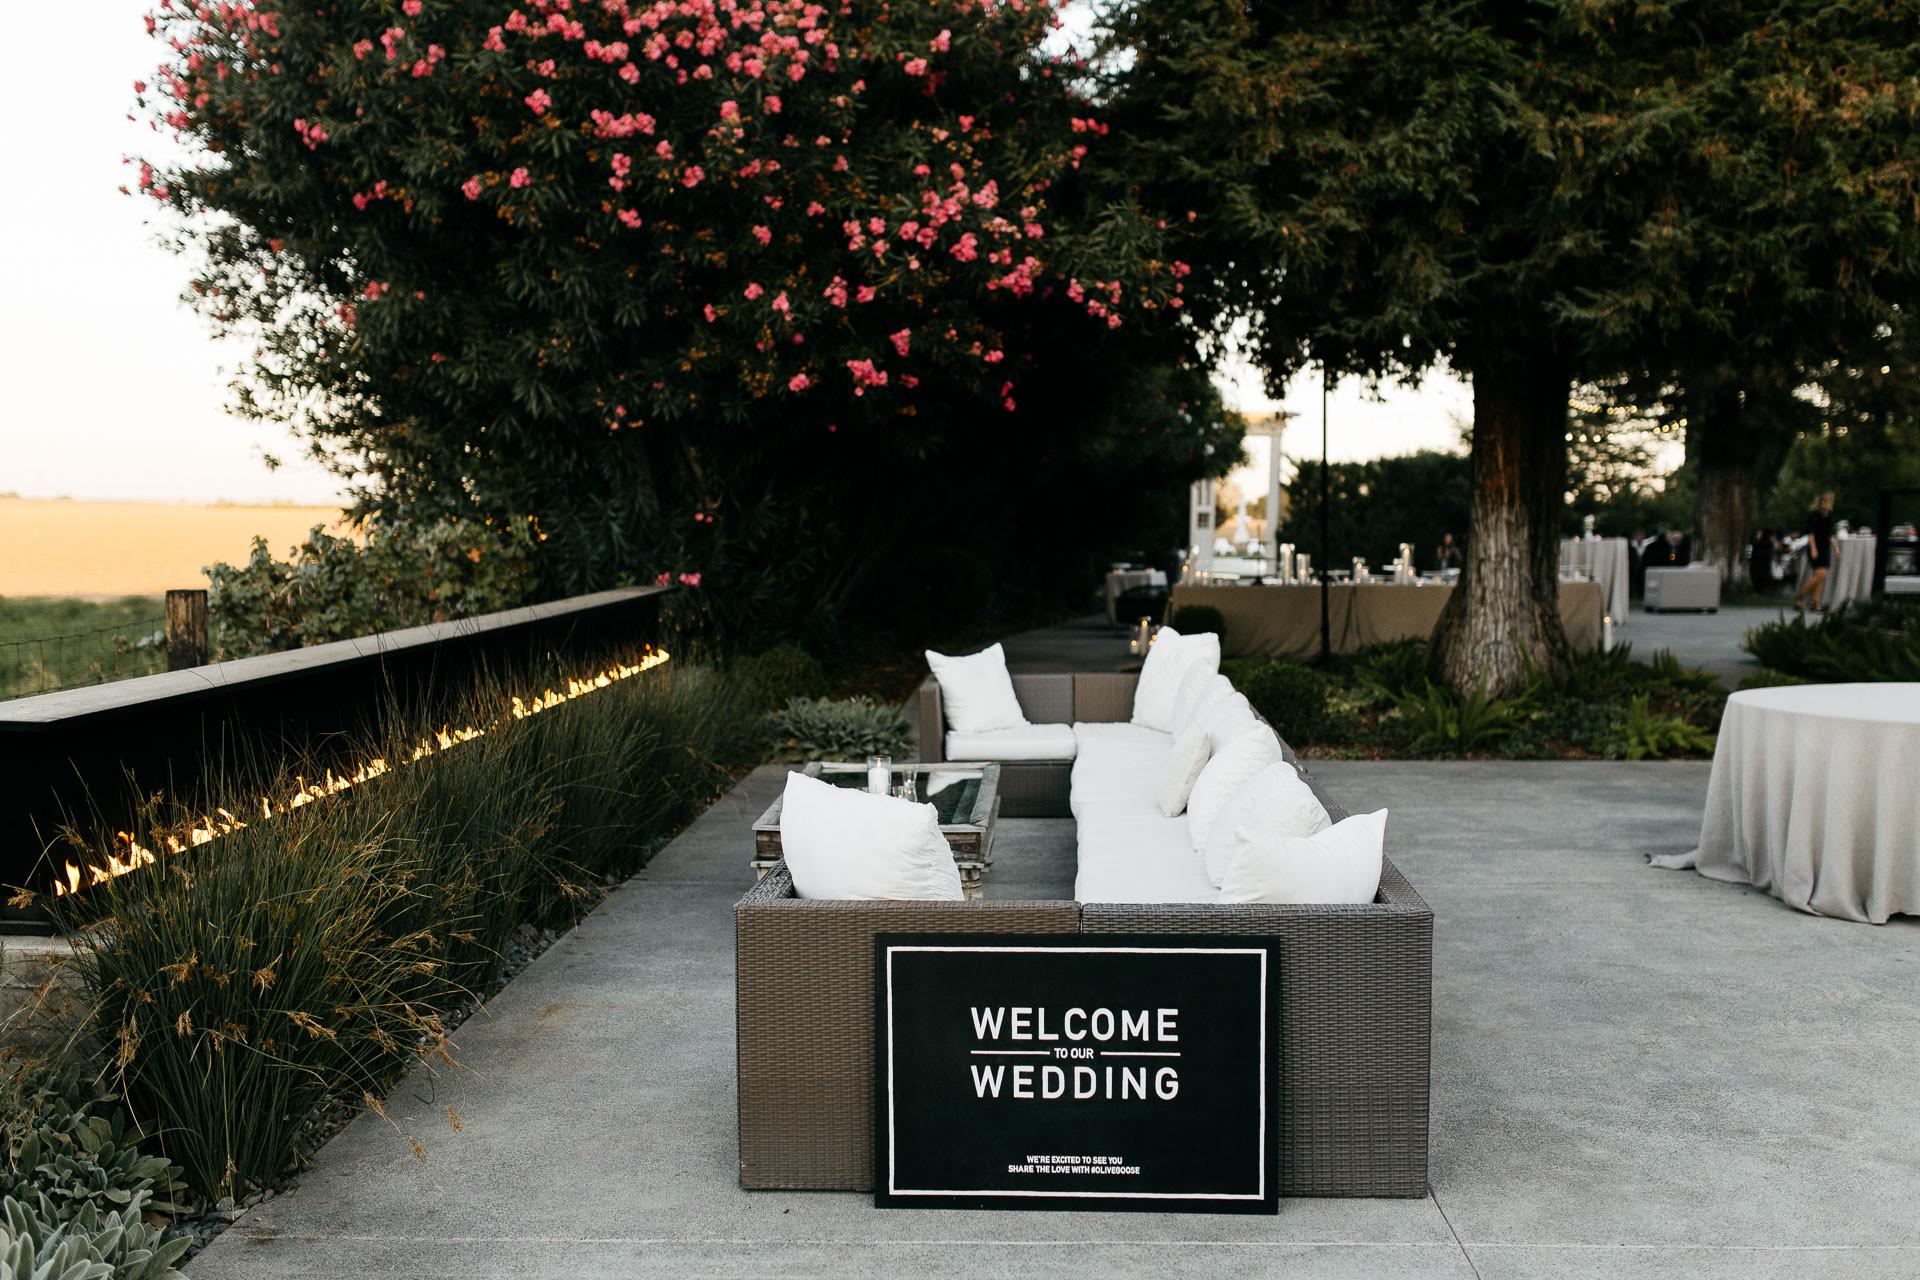 lauren_graham_wedding_california_park_winters_jeanlaurentgaudy_068